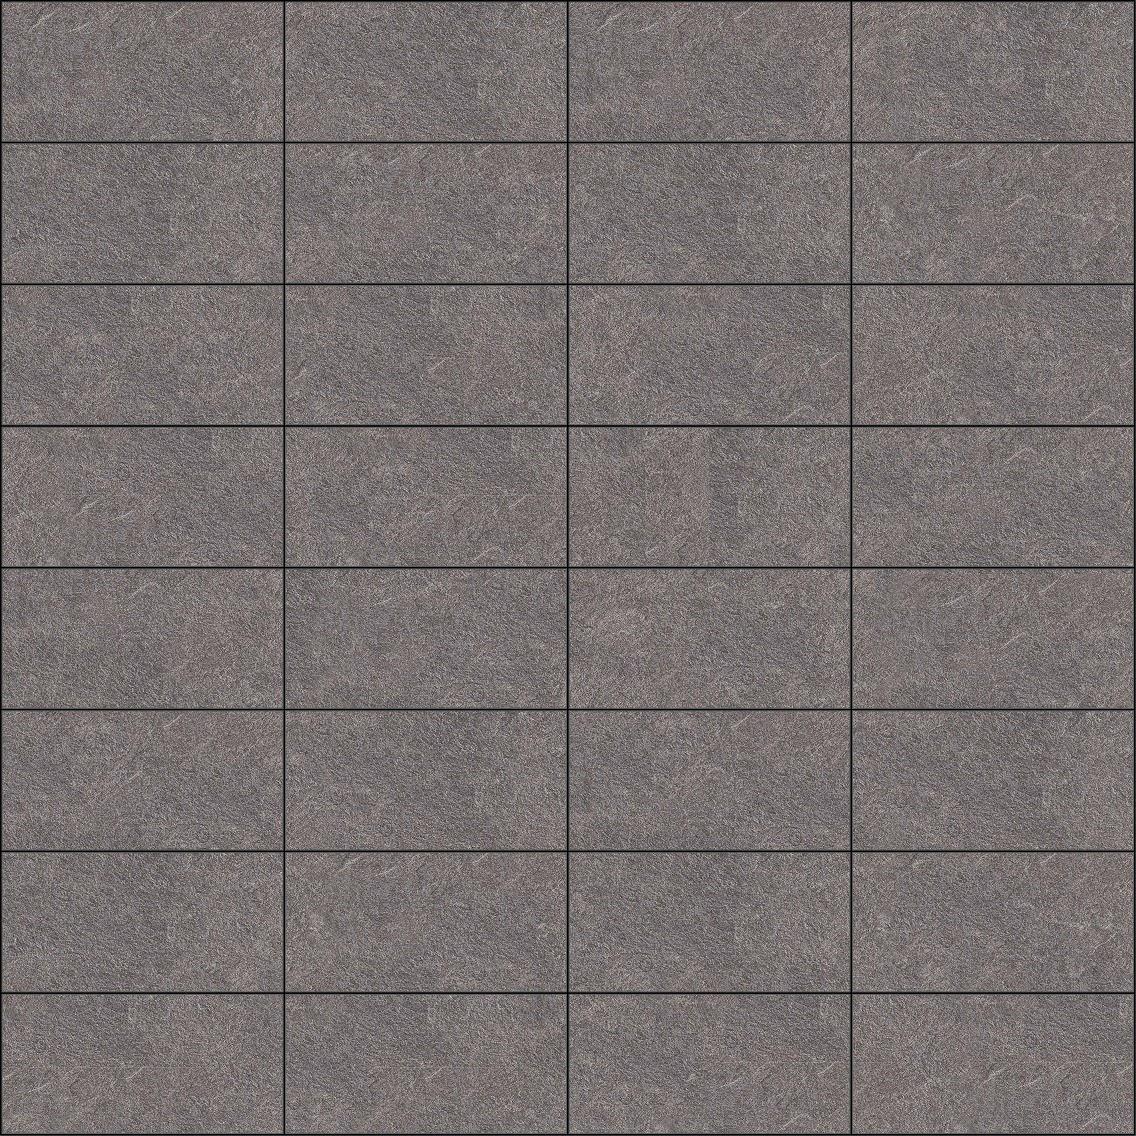 Simo texture seamless piastrelle - Piastrelle bagno texture ...